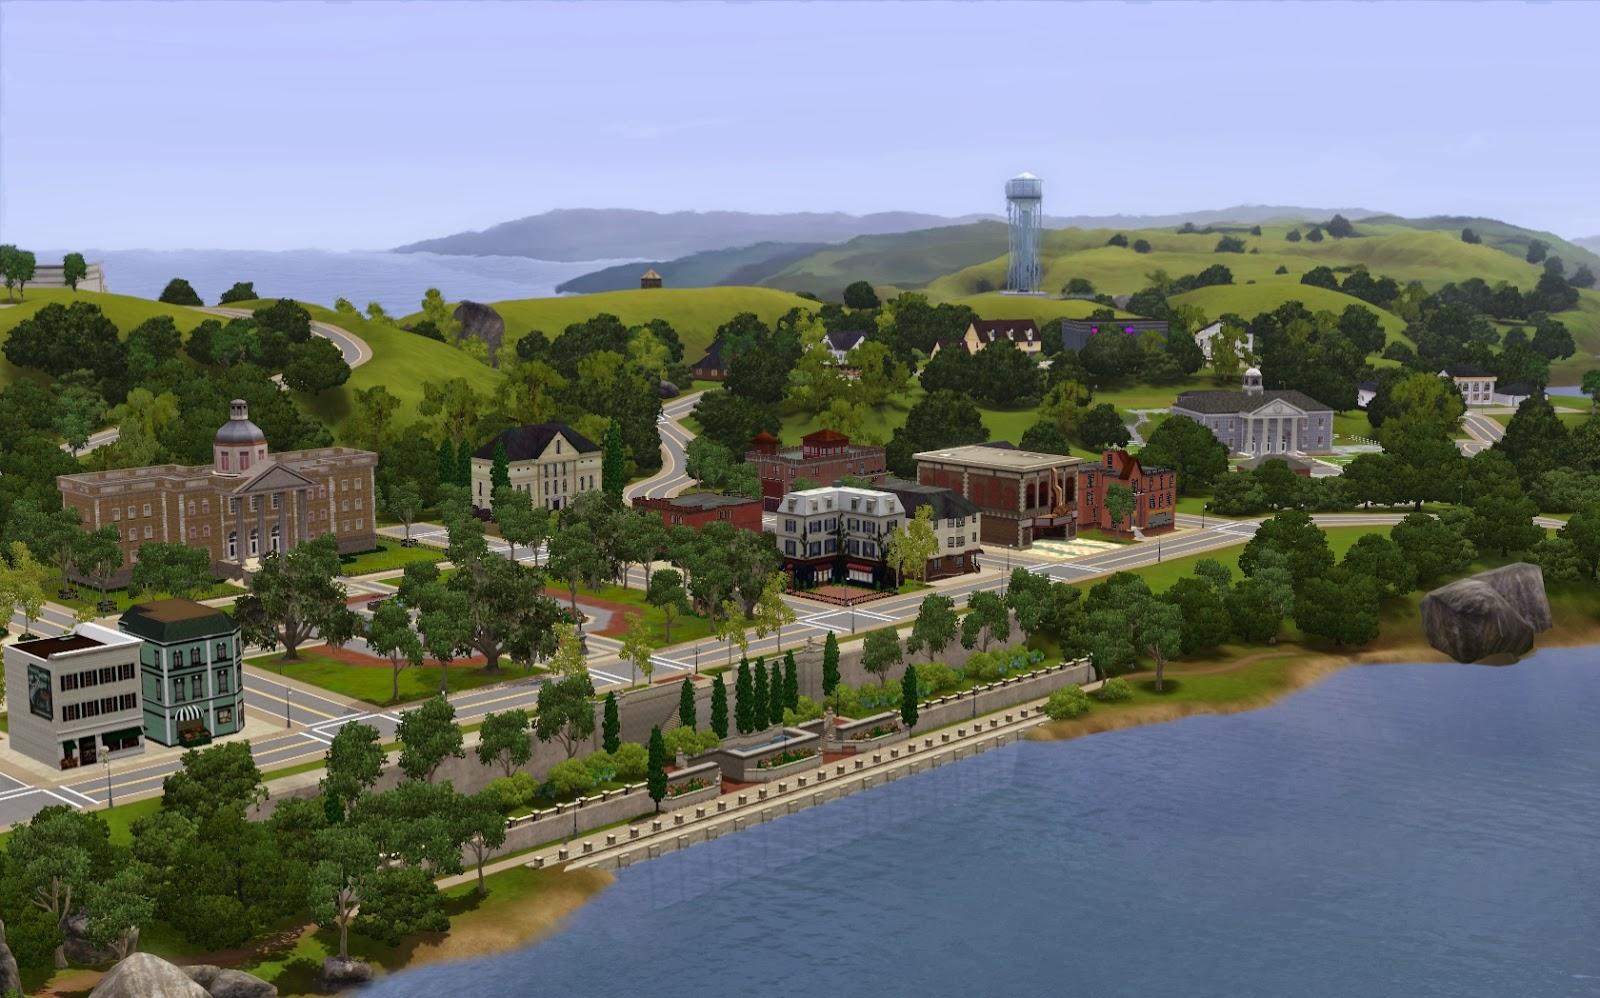 Summer S Little Sims 3 Garden Twinbrook The Sims 3